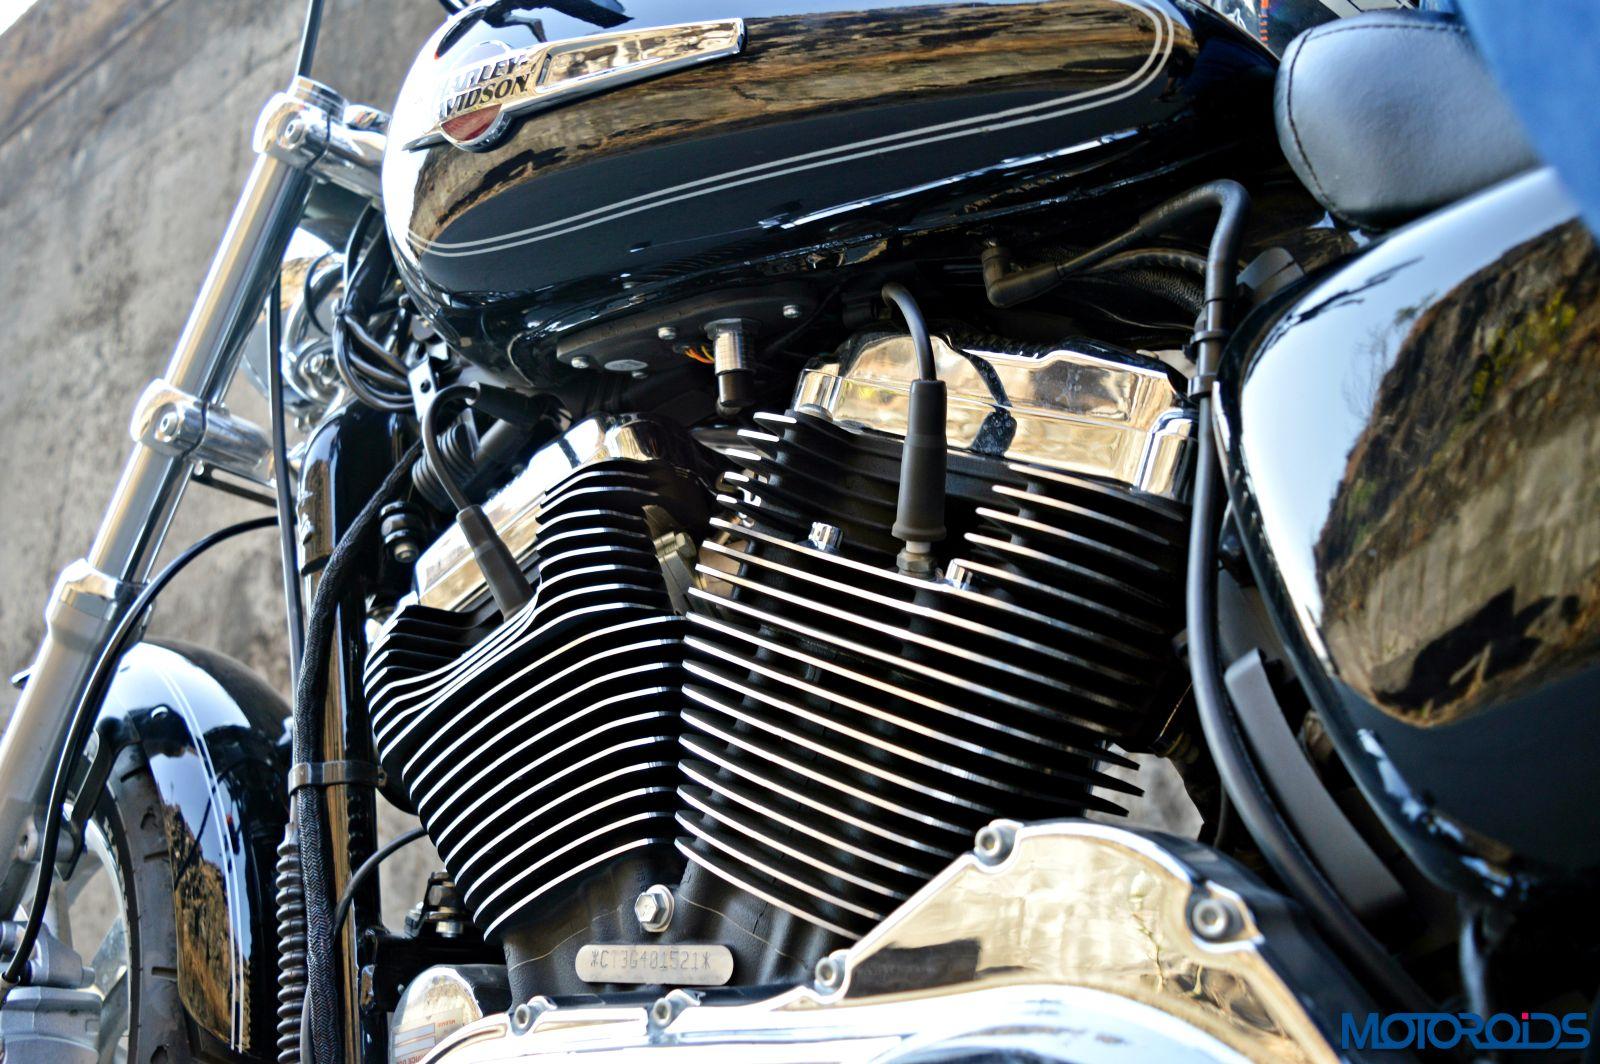 Harley-Davidson 1200 Custom Review - Details - Engine (5)